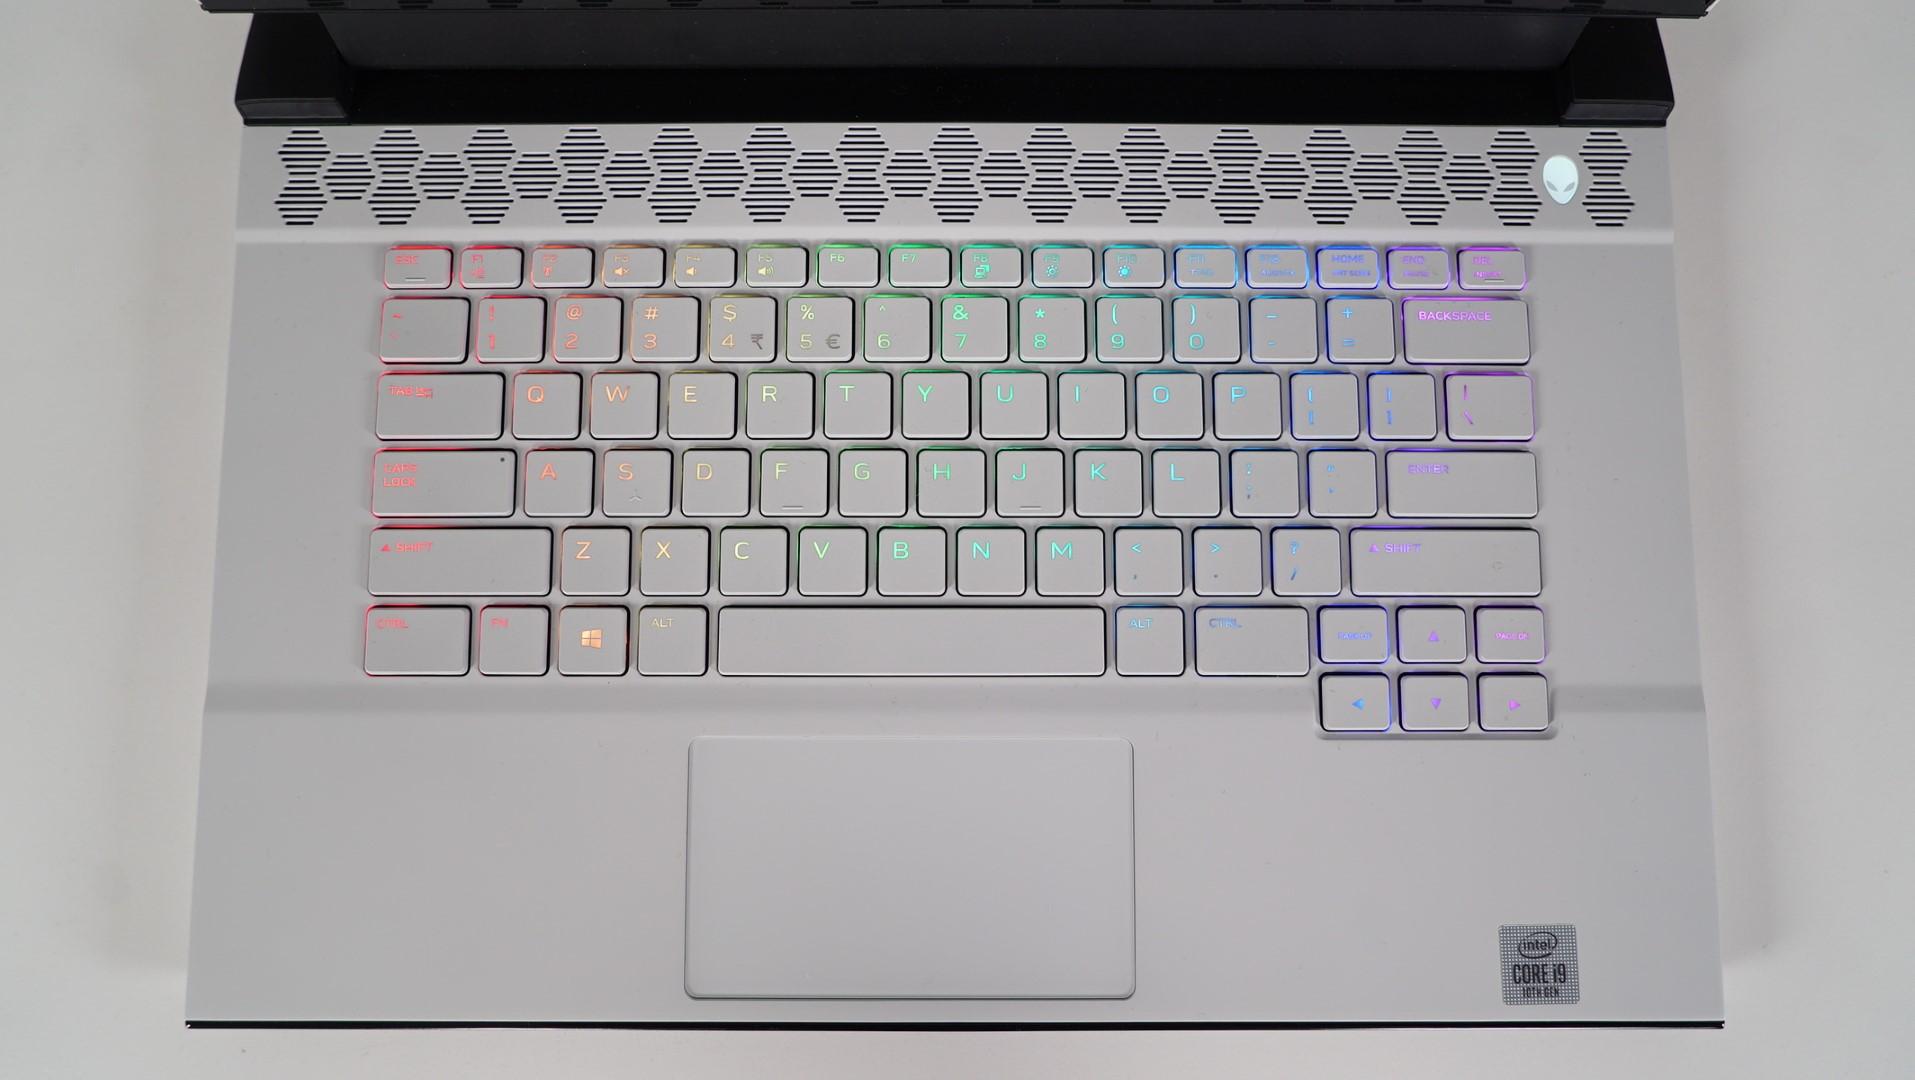 Tastatura RGB Alienware M15 R3